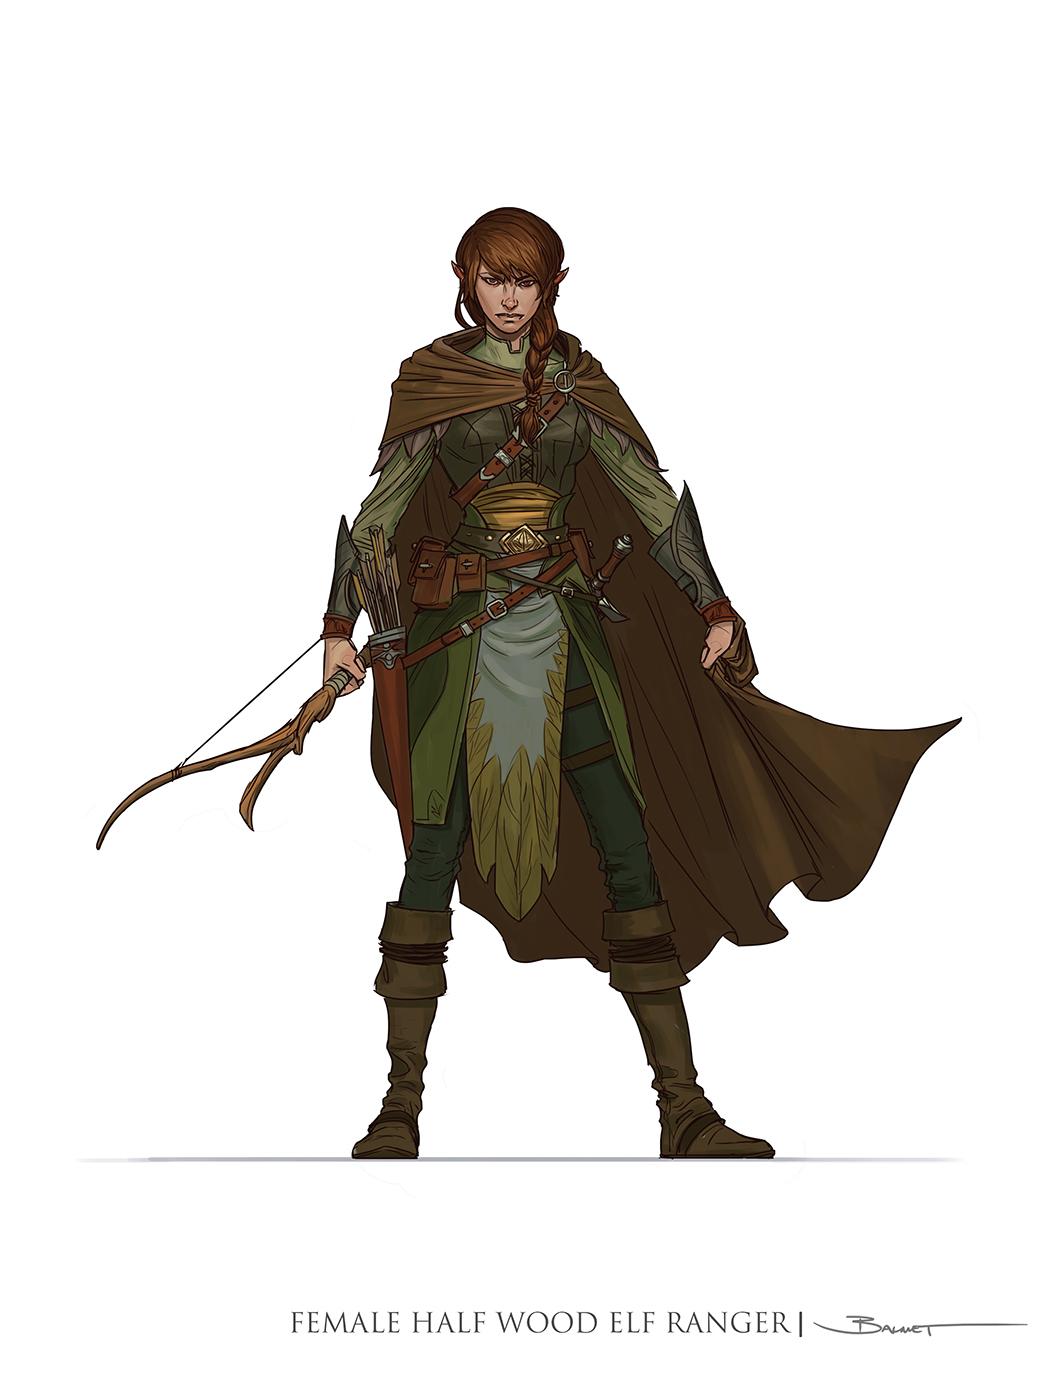 Female_HalfWoodElf_Ranger.jpg